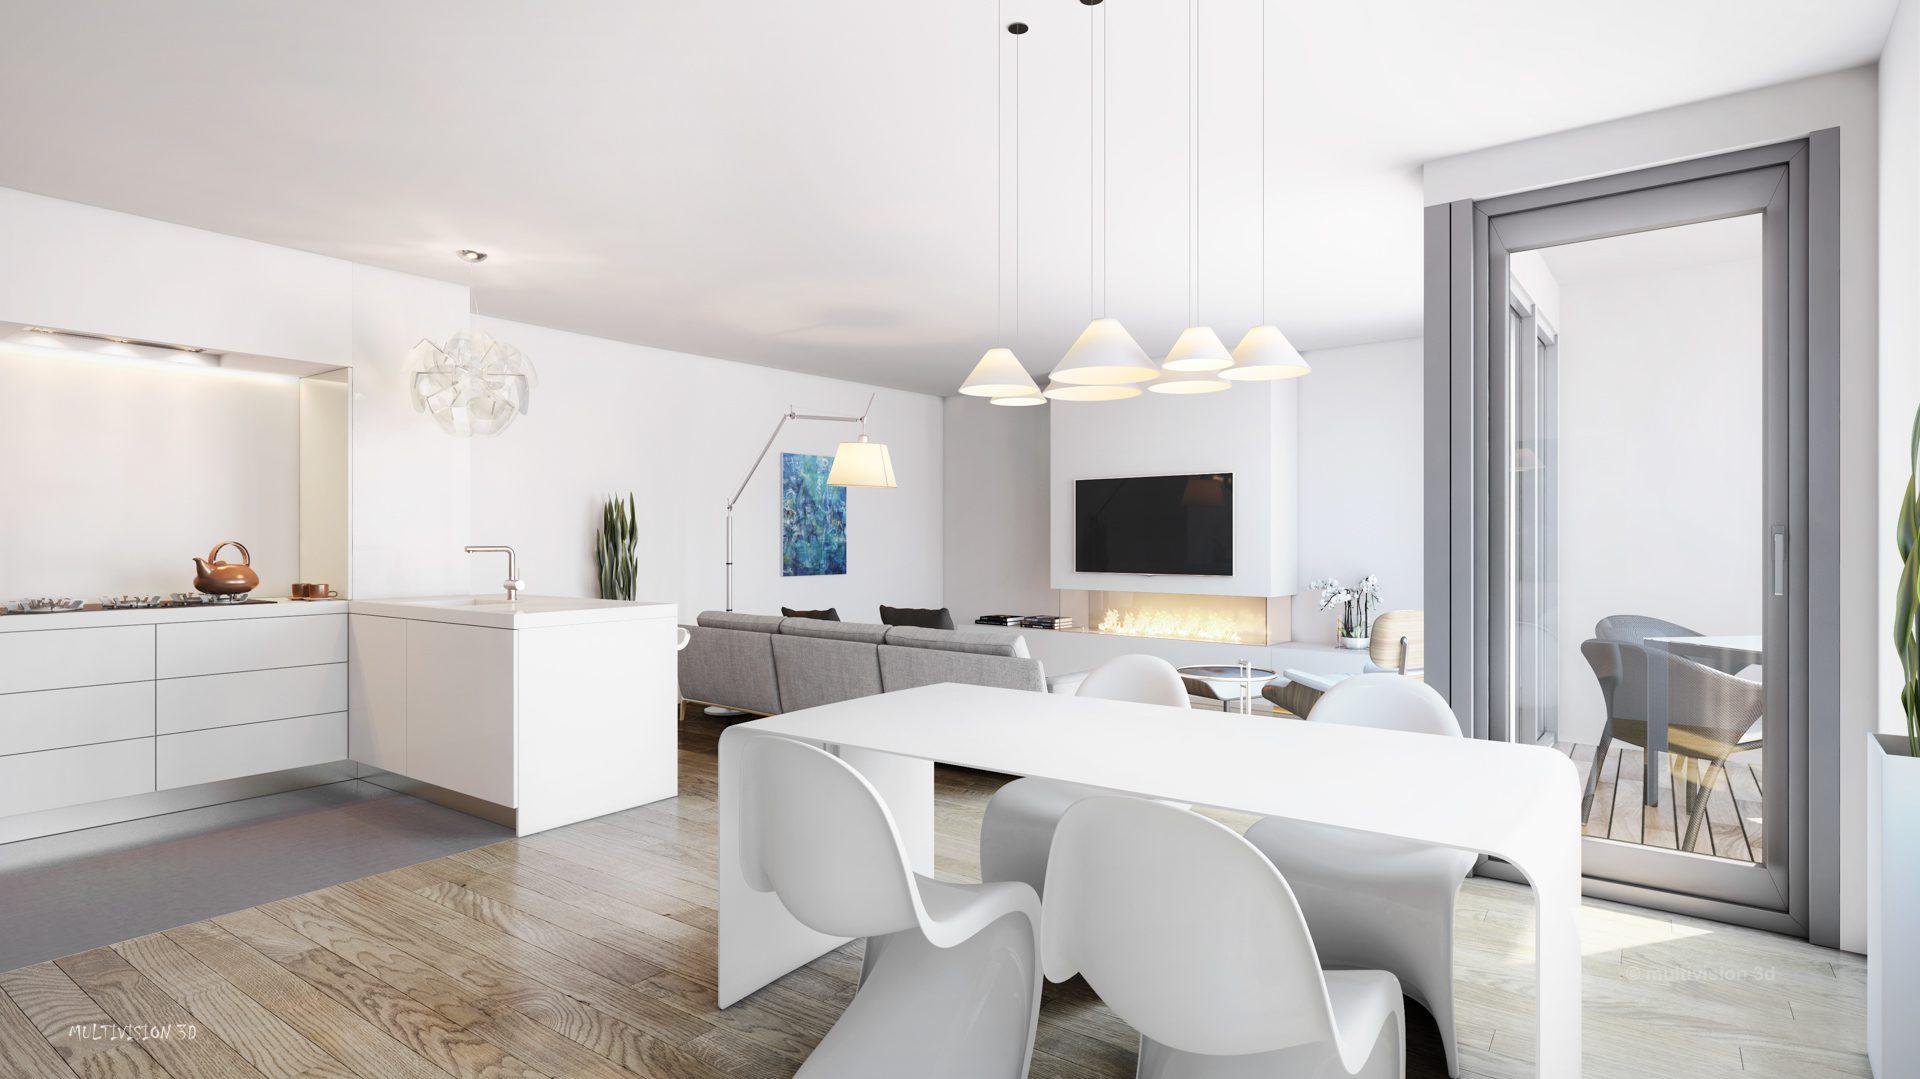 interieur impressie la cour bleue 1 multivision 3d visualisatie. Black Bedroom Furniture Sets. Home Design Ideas